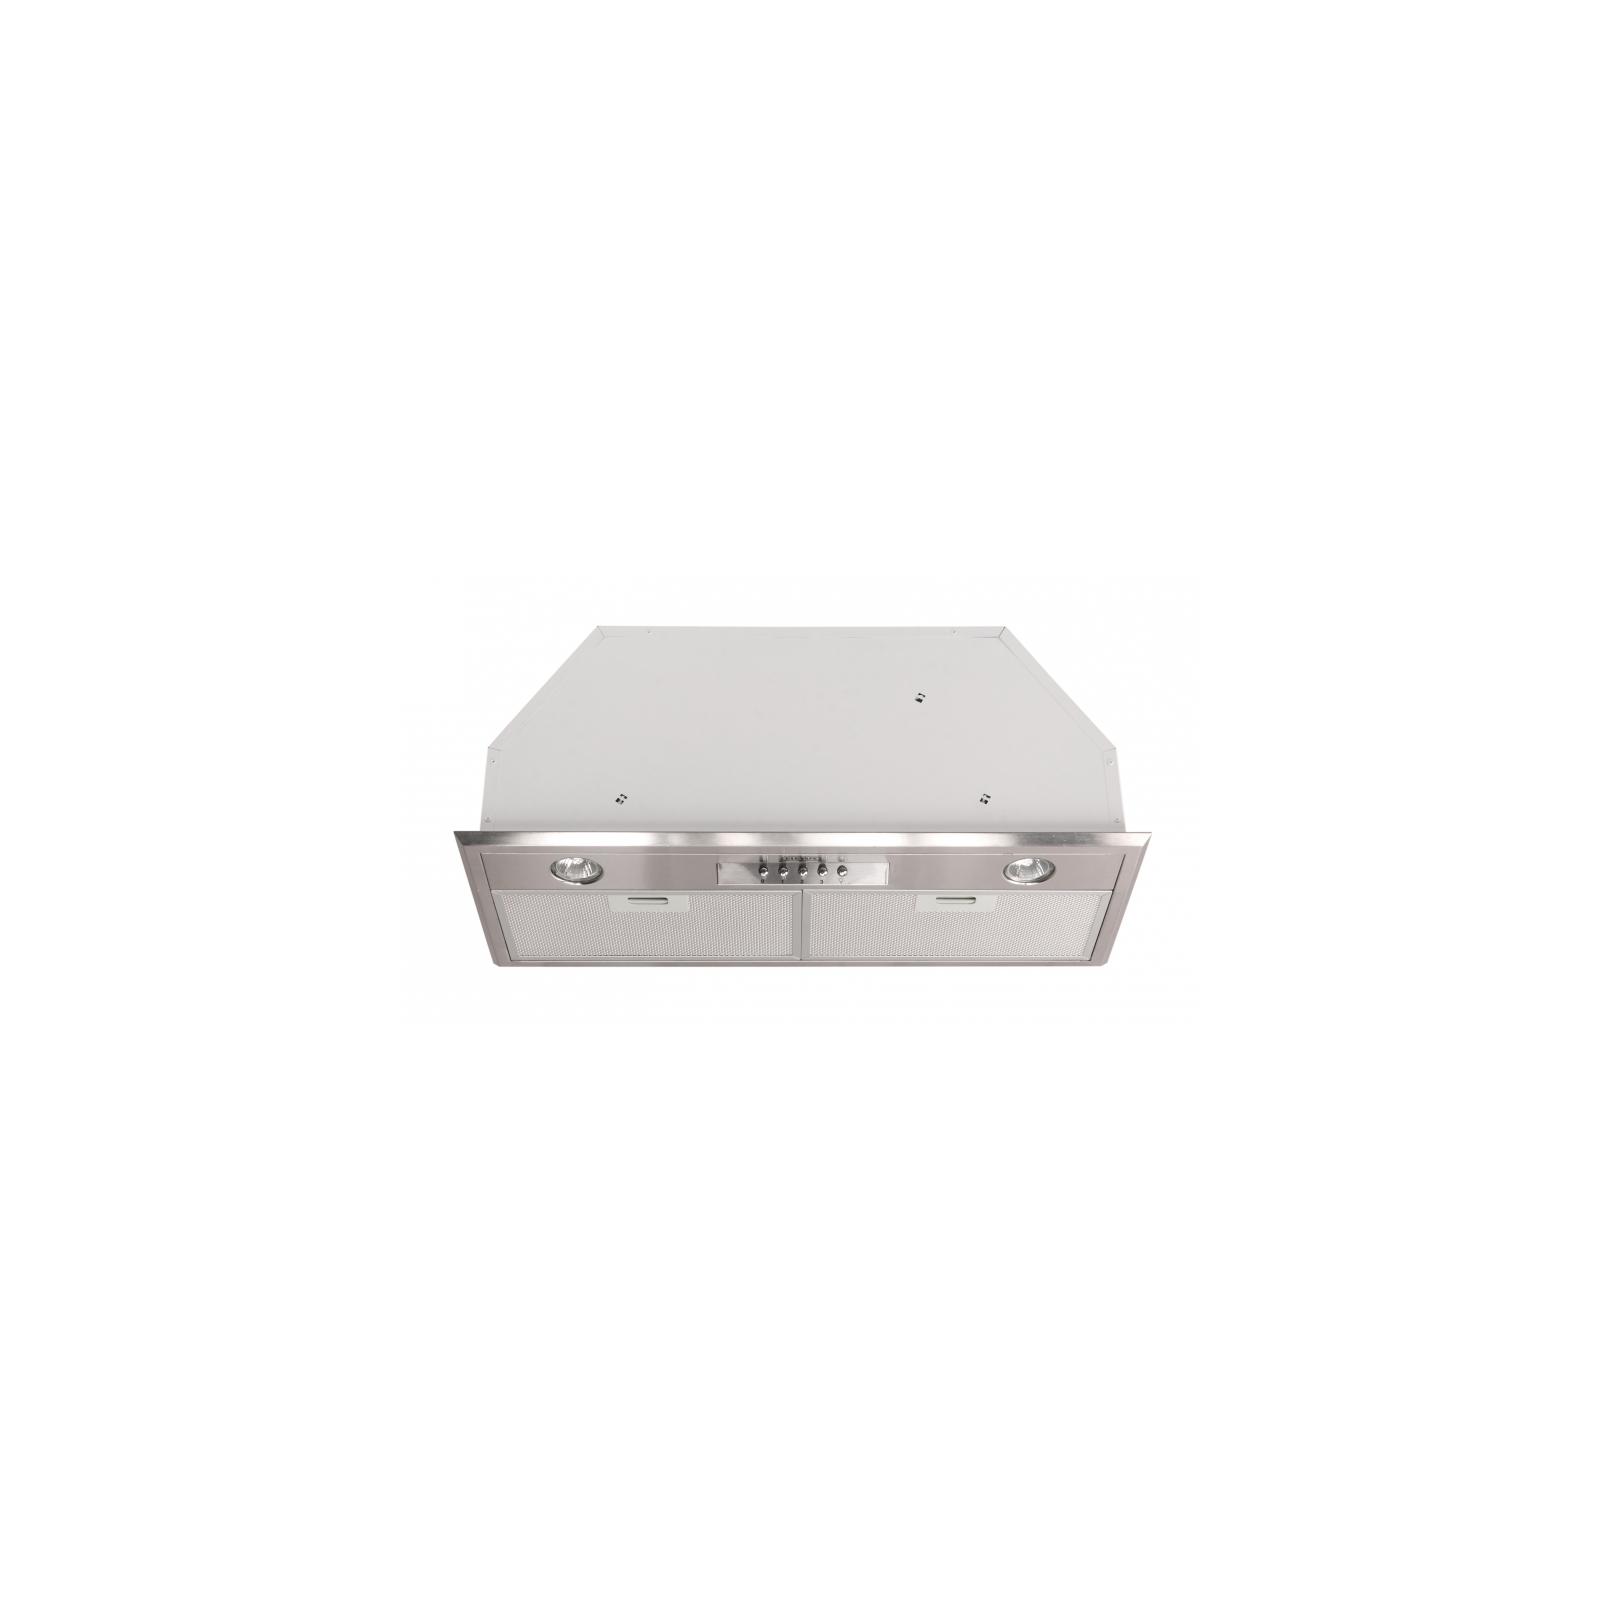 Вытяжка кухонная ELEYUS Modul 700 70 IS изображение 2